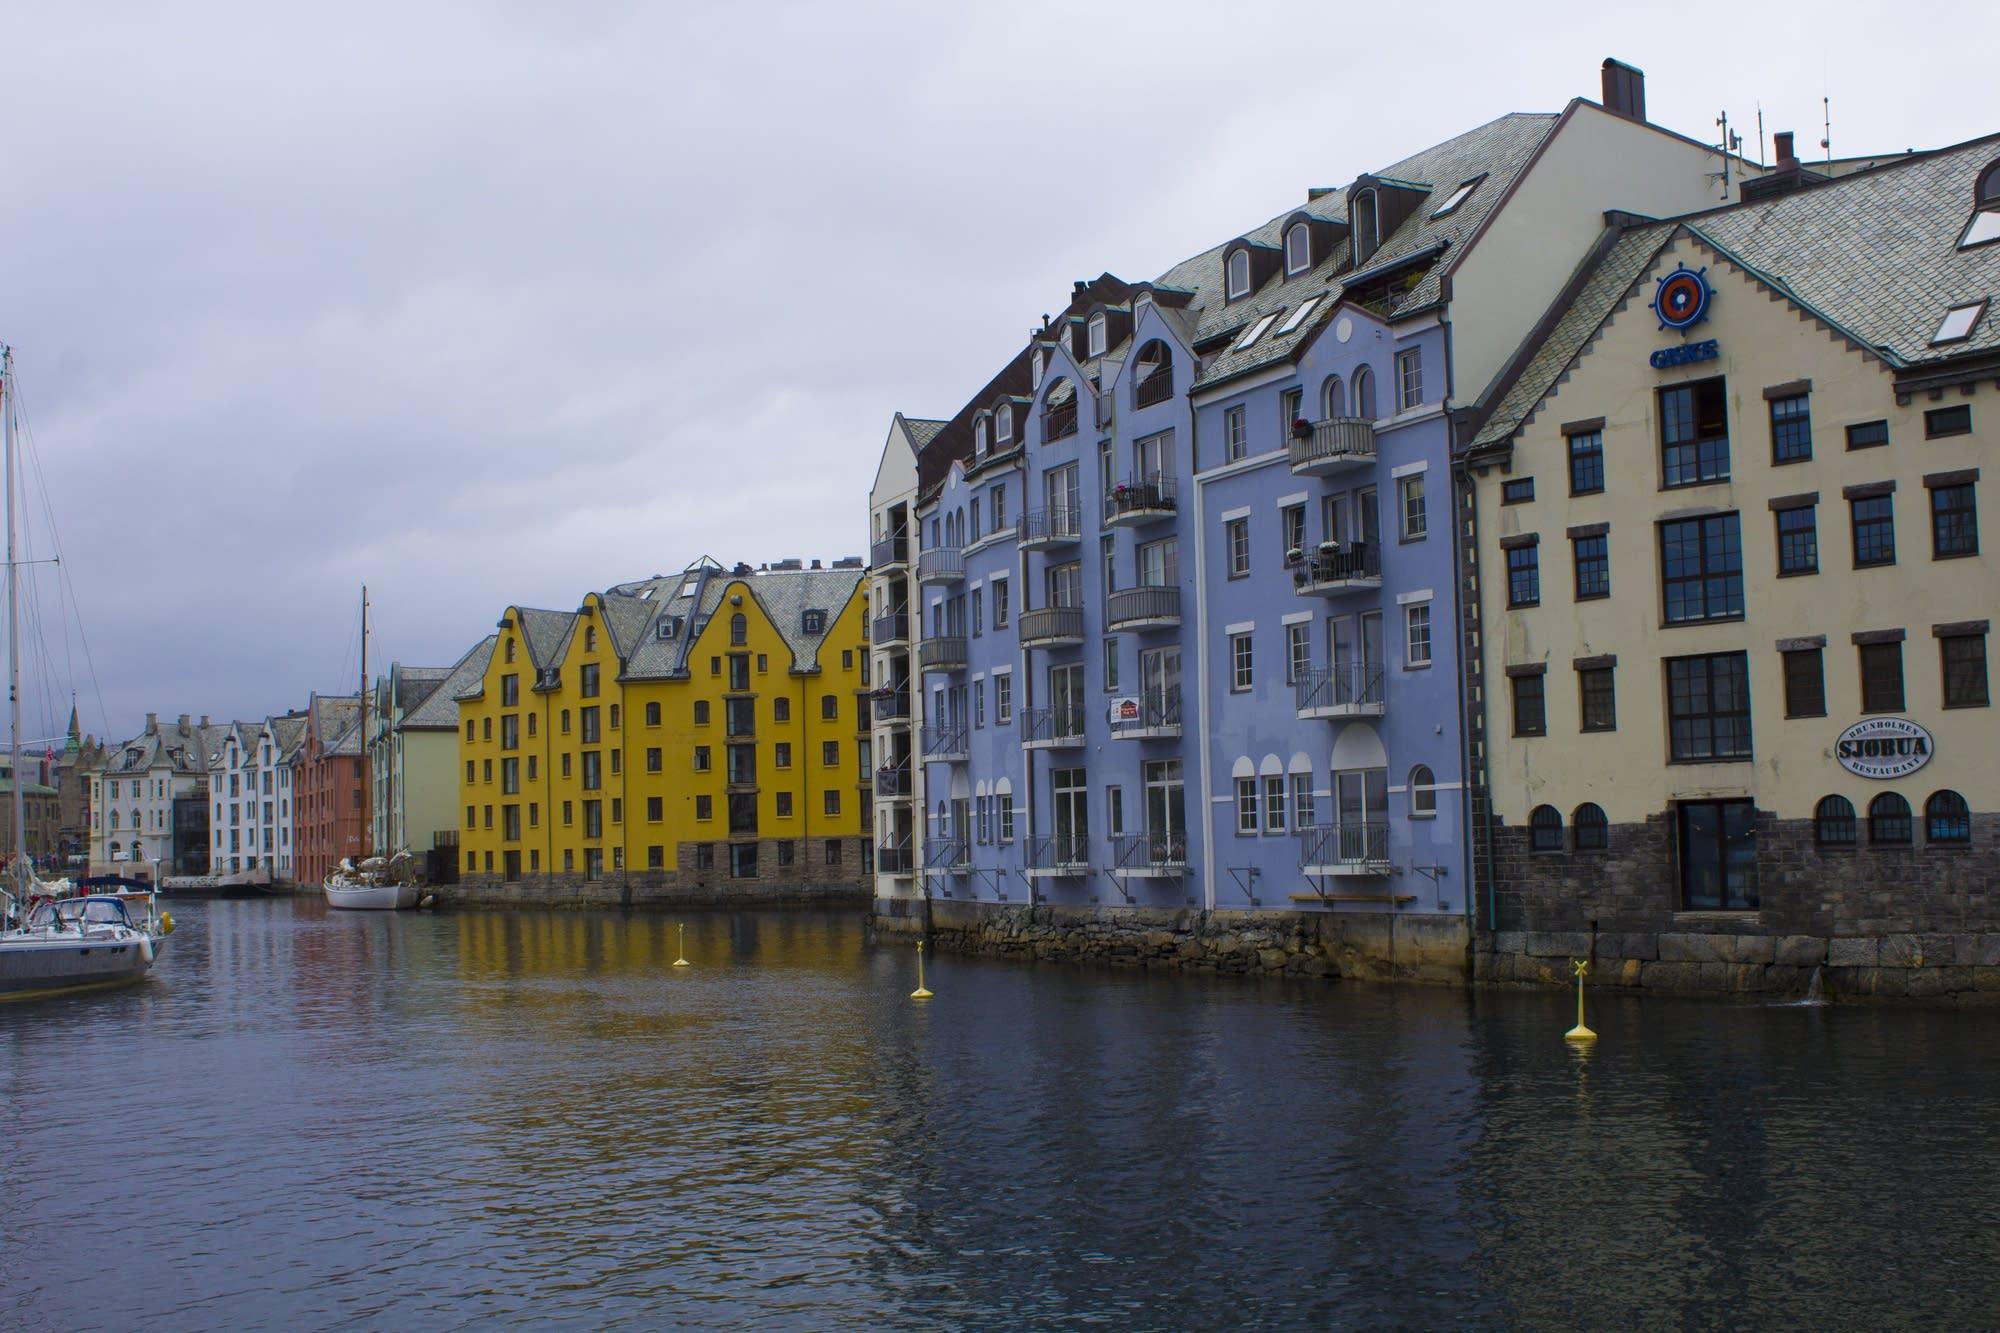 Alesund - 11 - houses